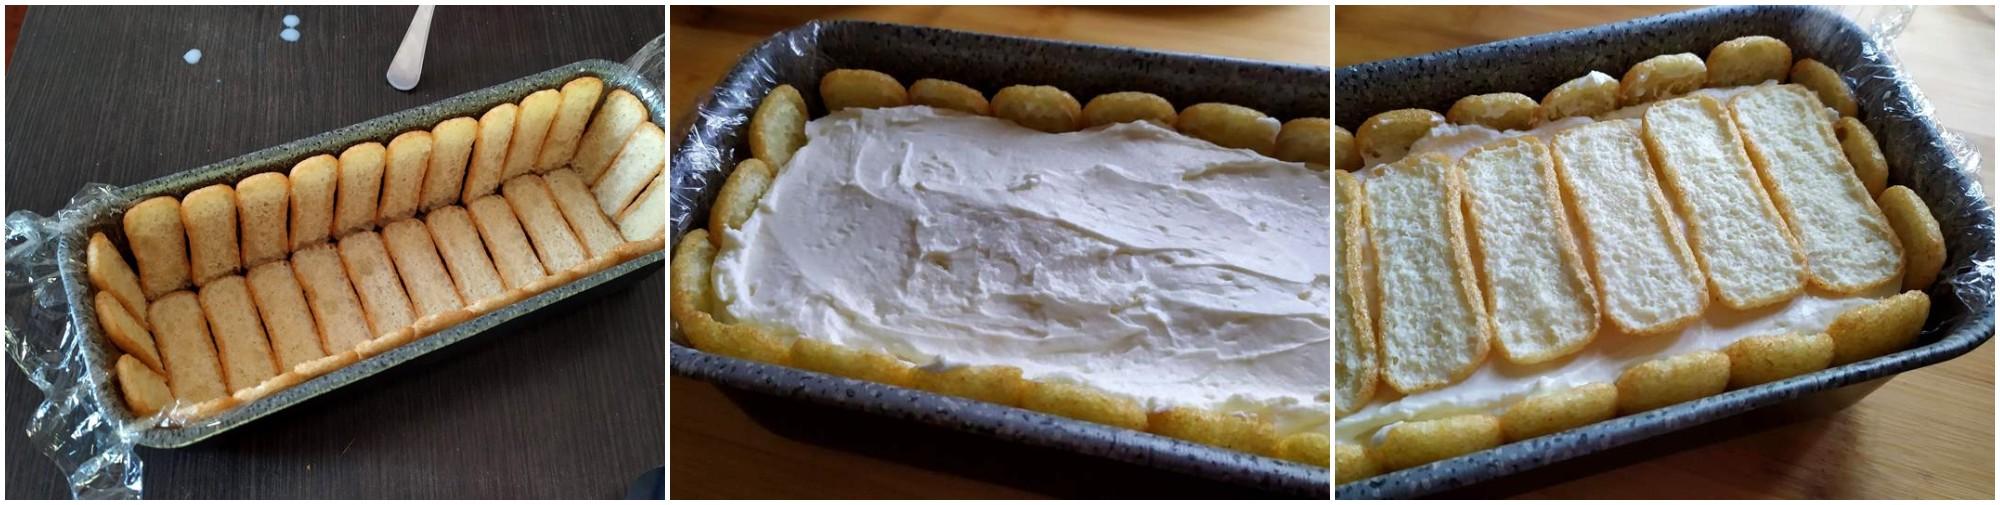 Torta paradiso con Pavesini